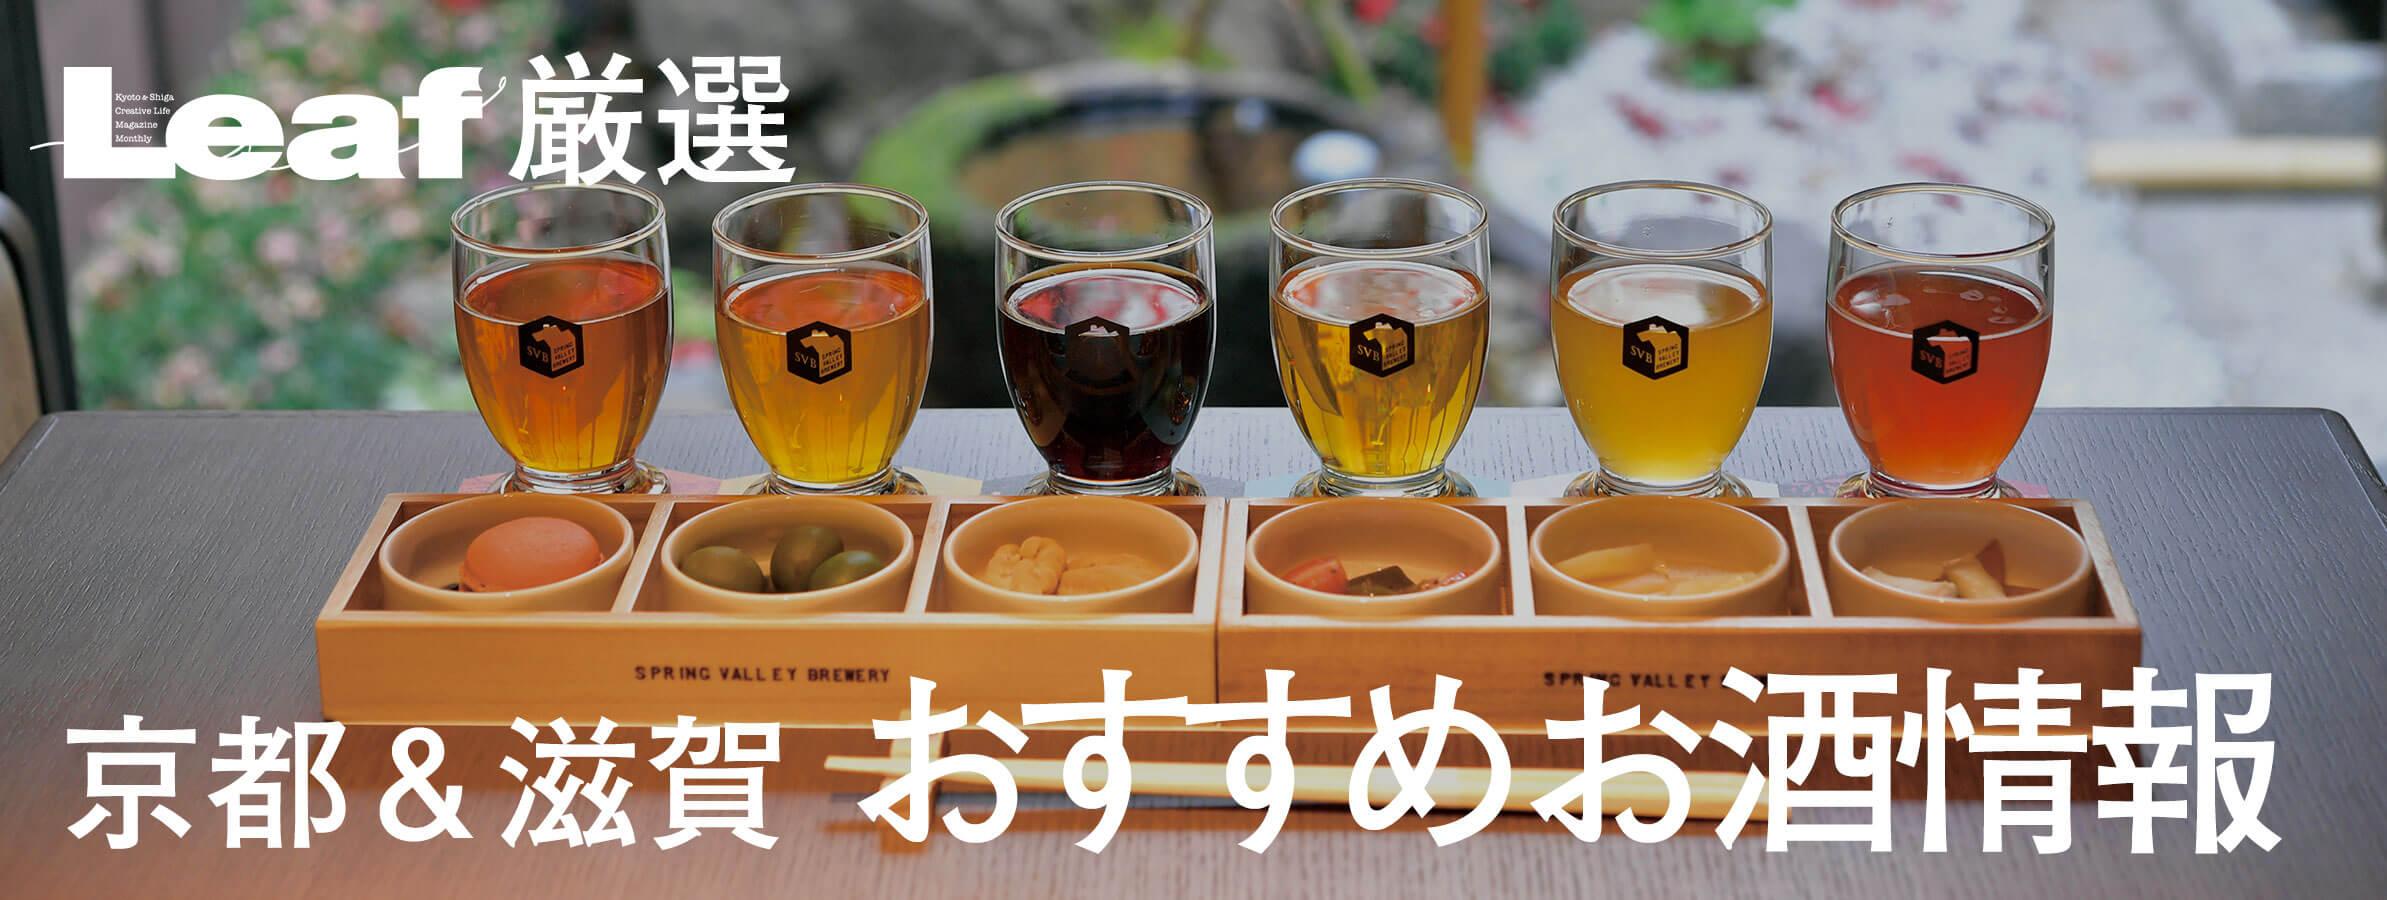 京都・滋賀 おすすめお酒情報